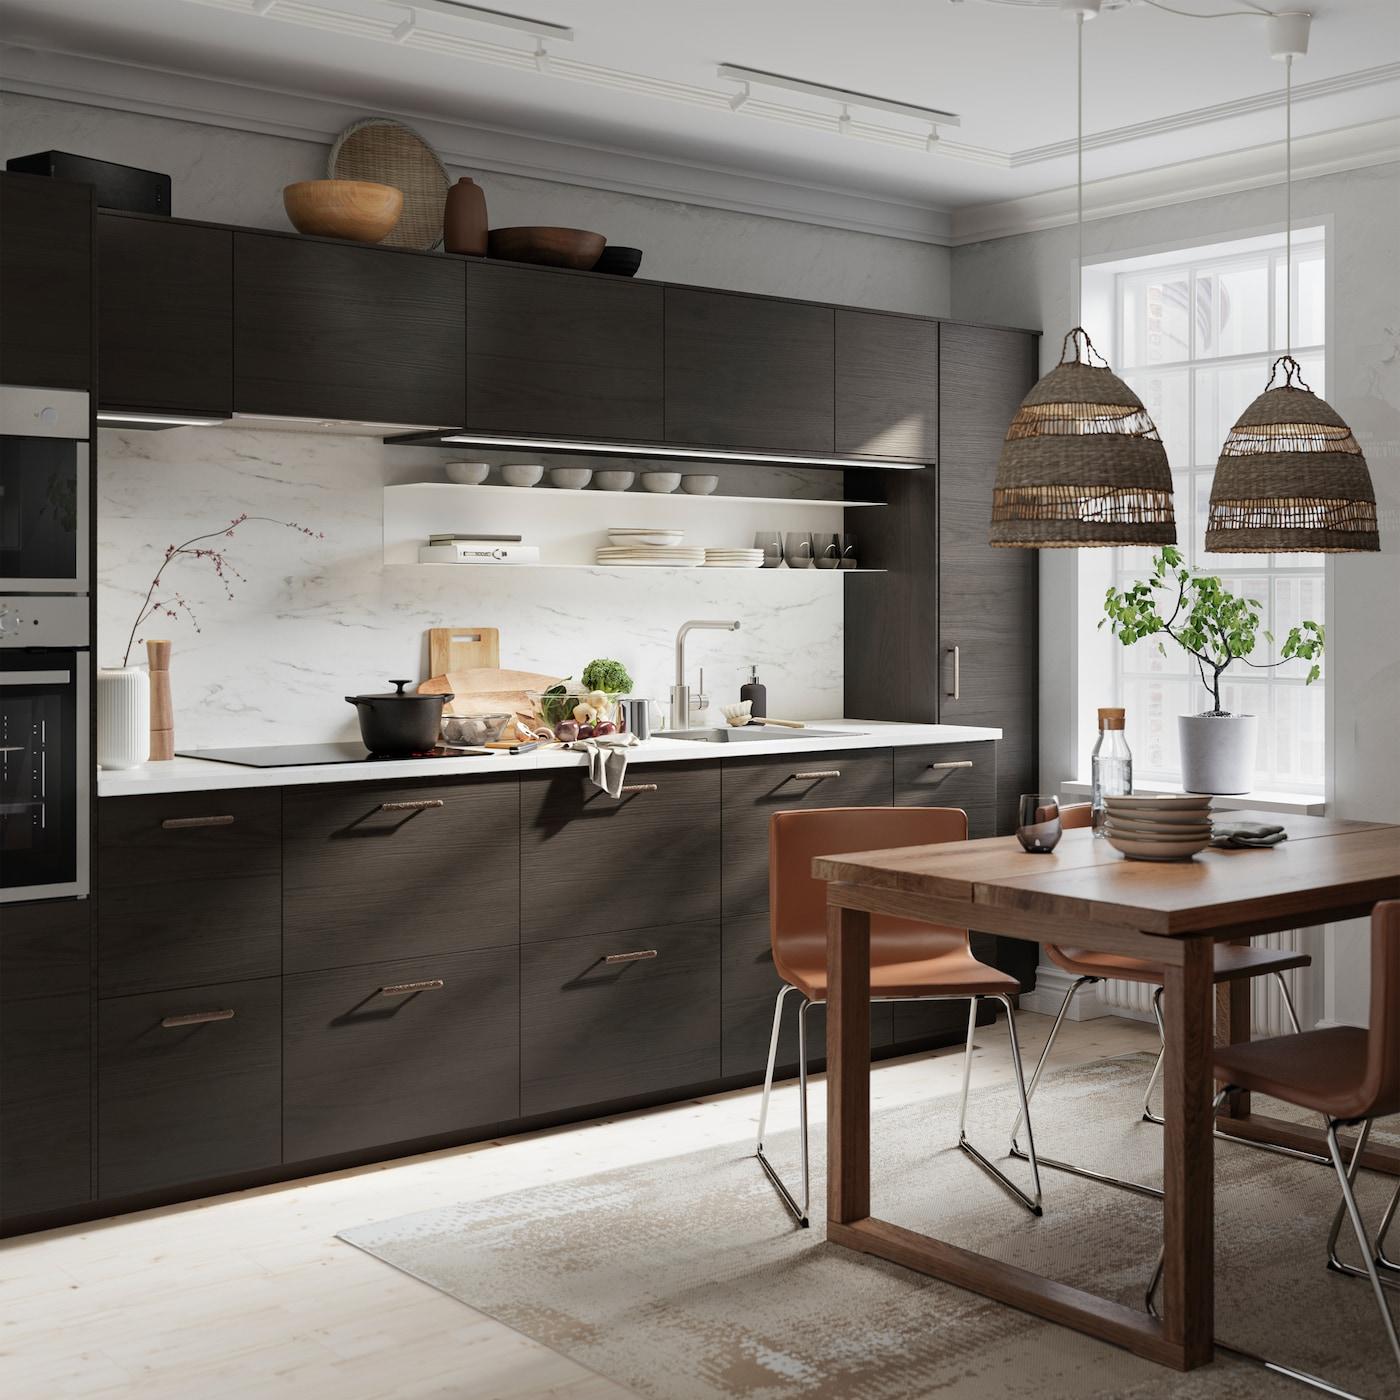 Kuhinja s frontovima s imitacijom tamnobraon jasena i zidni panel s imitacijom belog mermera, drveni sto i kožne stolice.